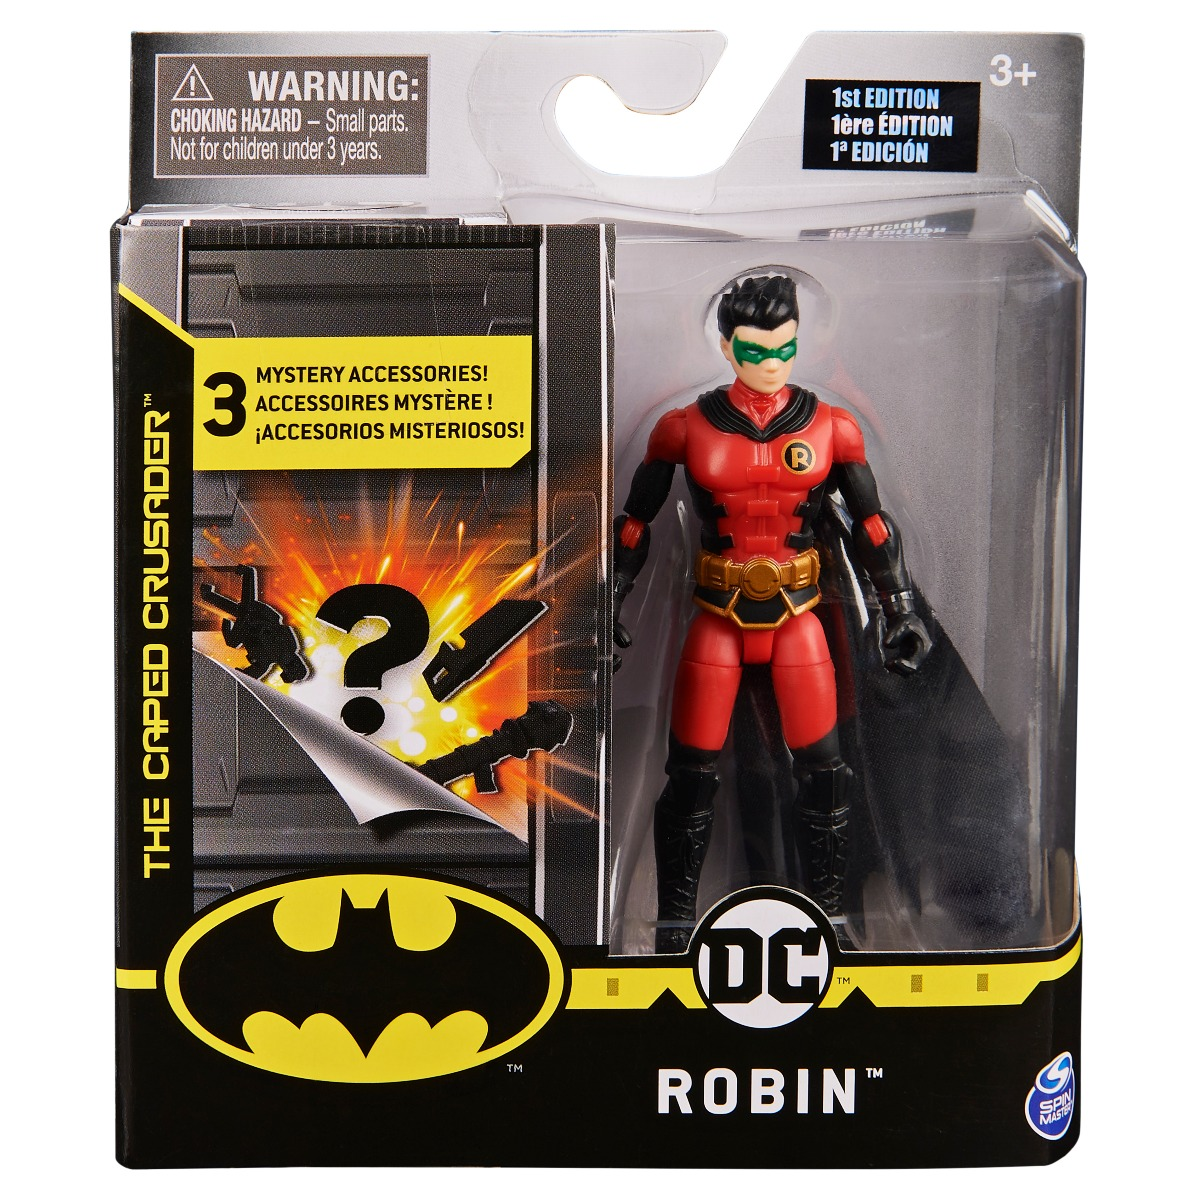 Set Figurina cu accesorii surpriza Batman, Robin 20124526